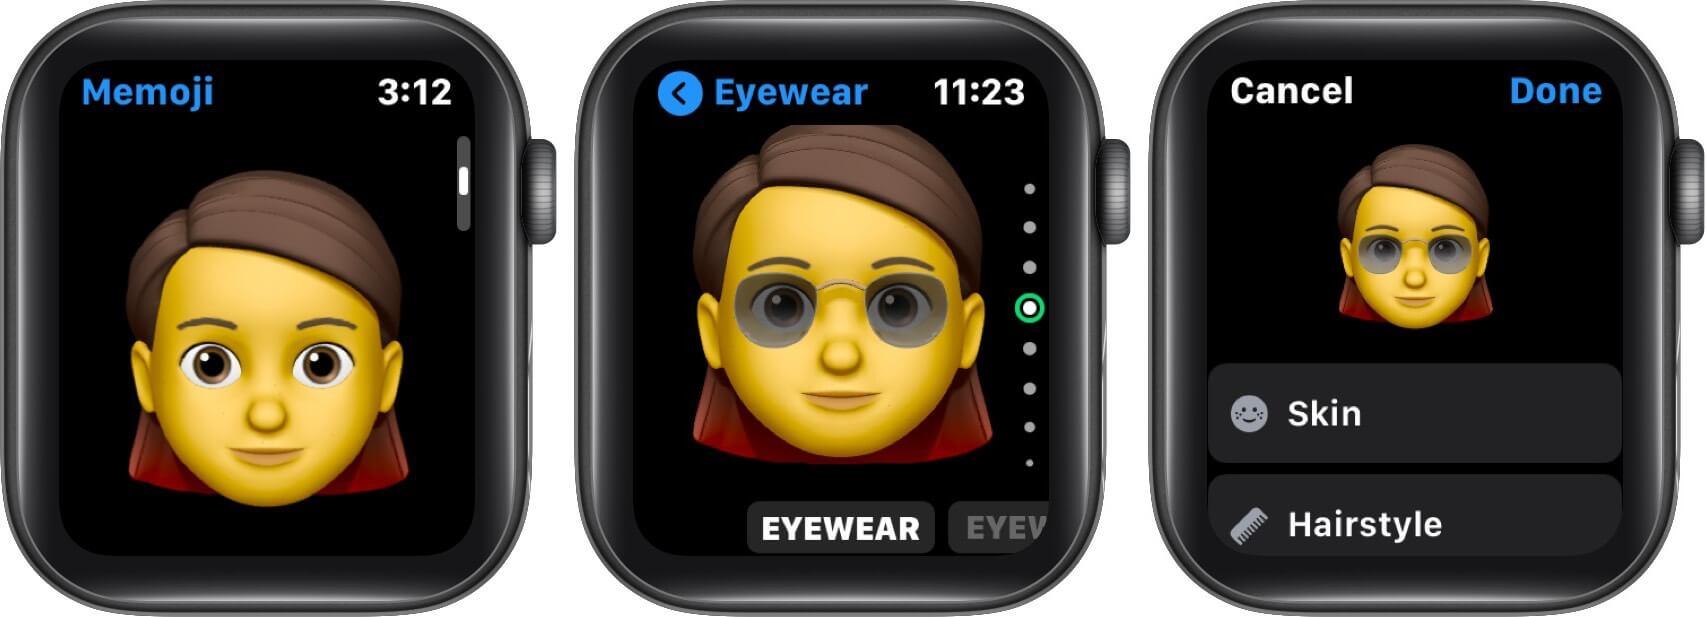 edit existing memoji on apple watch